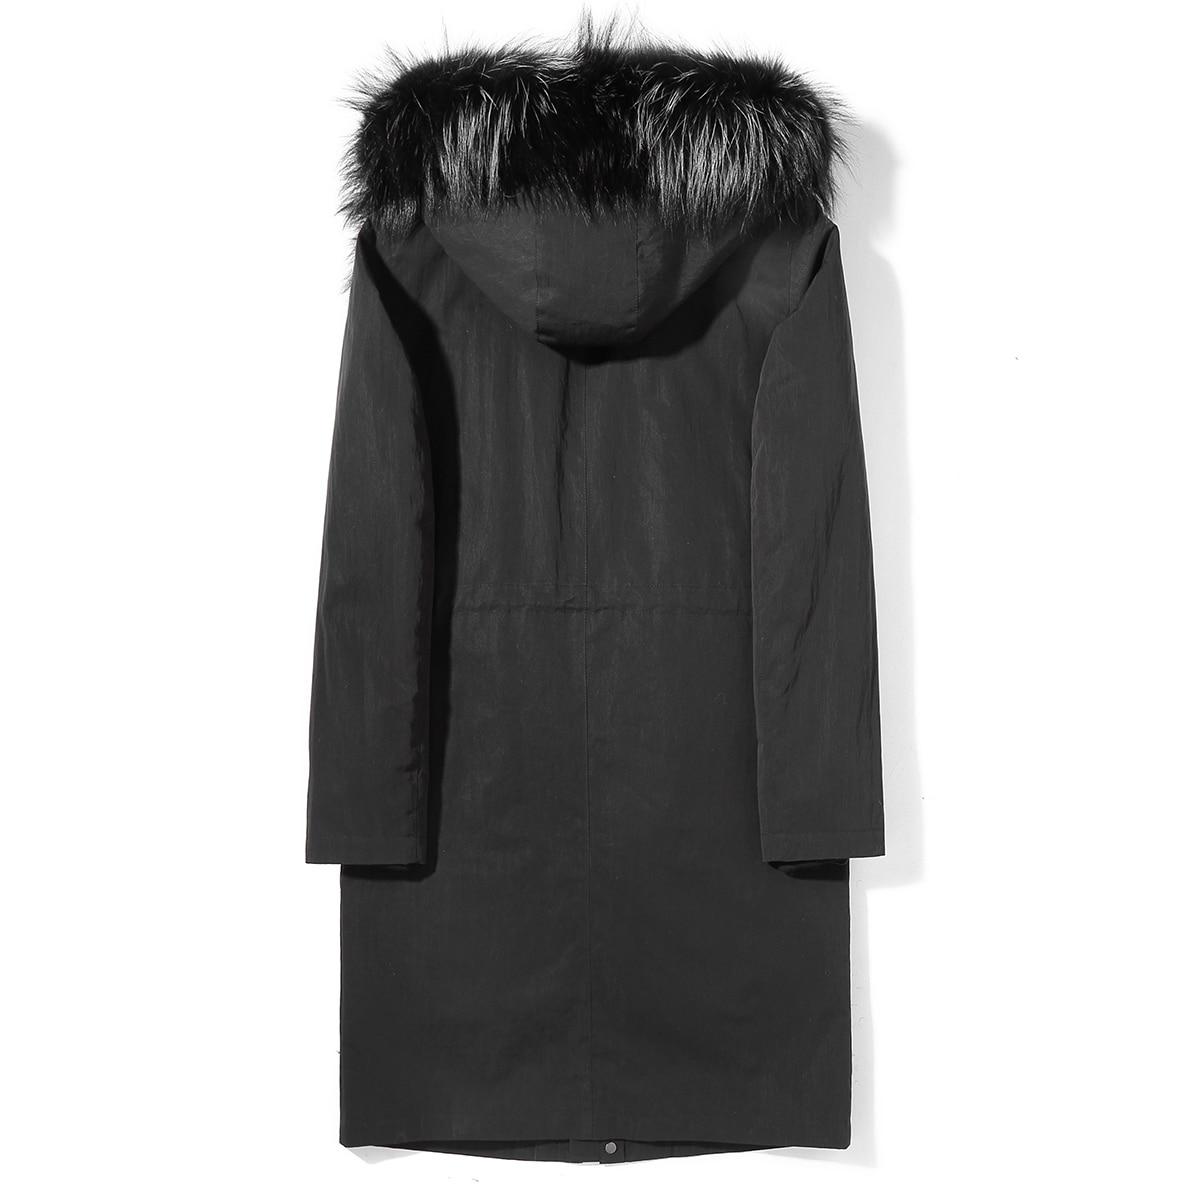 Real Fur Coat Men Parka Long Winter Jacket Man Natural Rabbit Fur Liner Fox Fur Collar Parkas De Hombre S9SBSP006 KJ3516